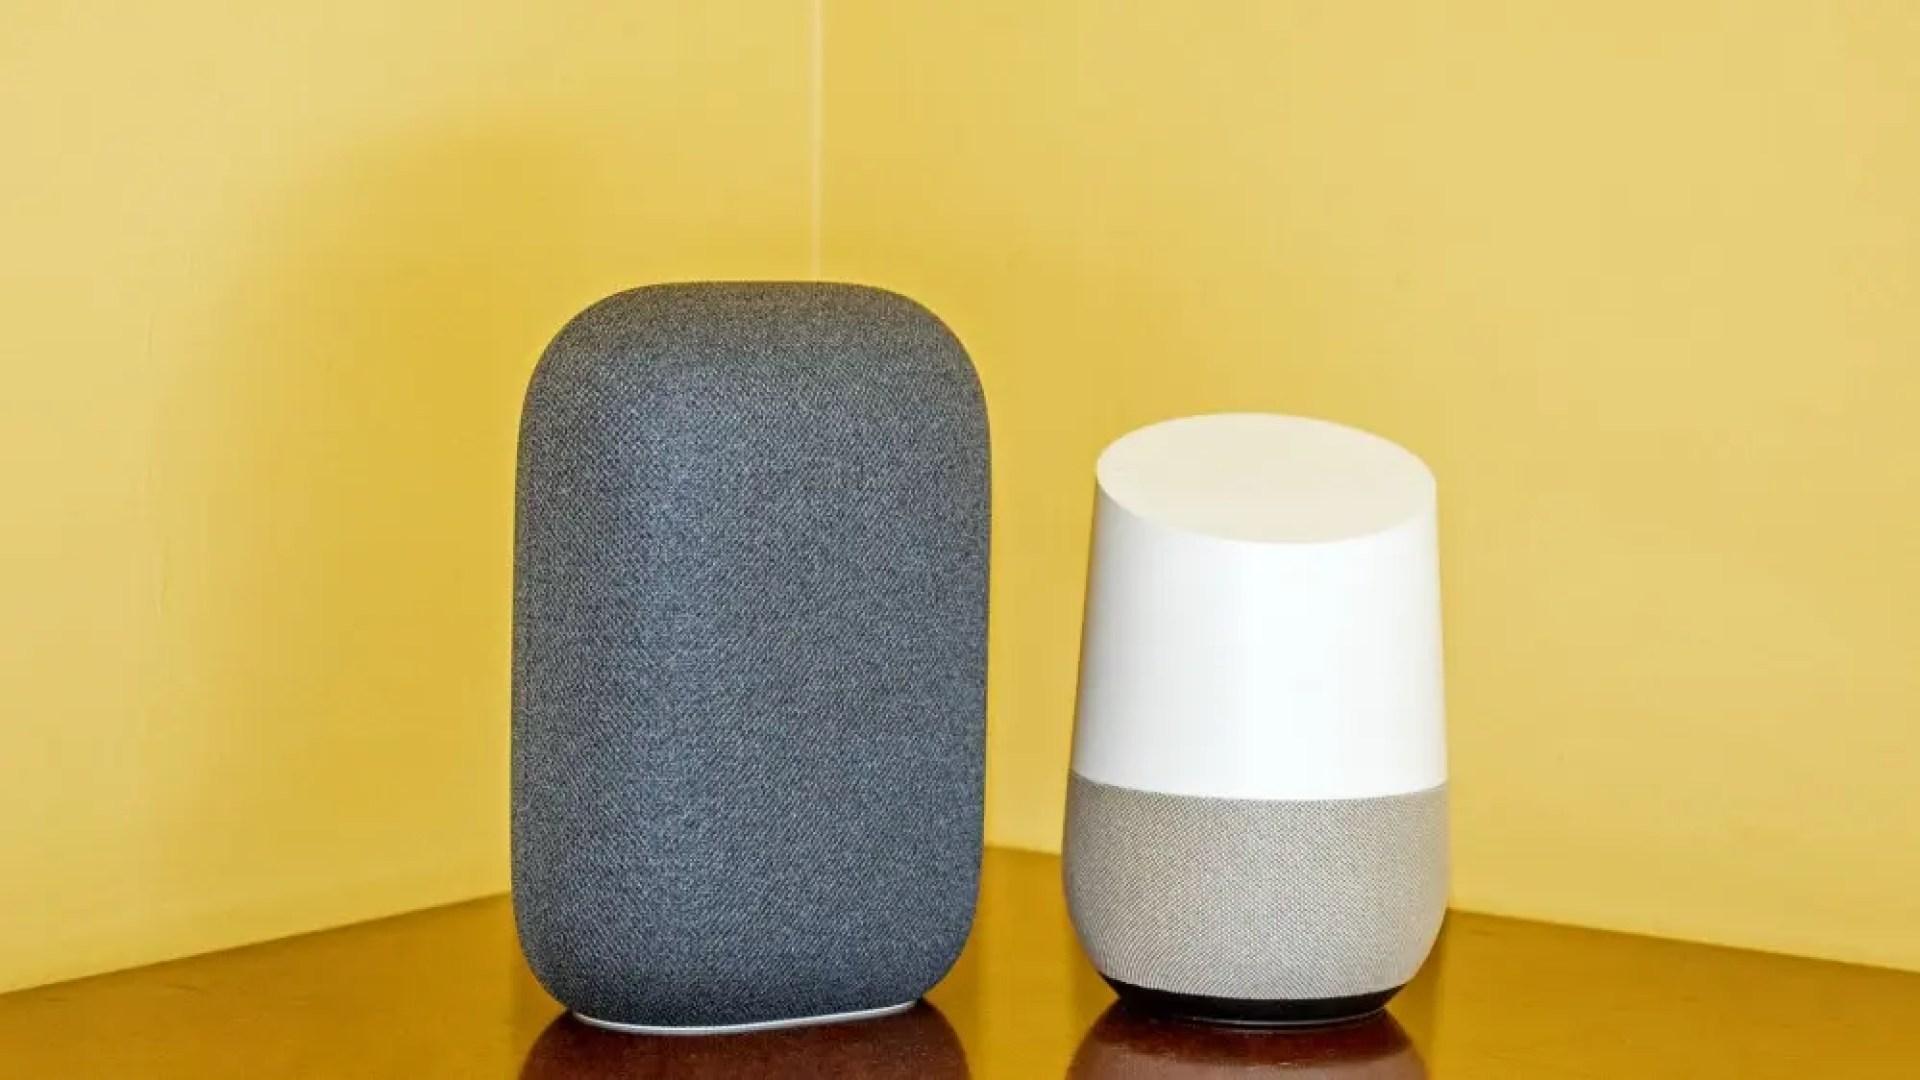 A Nest Audio next to a Google Home